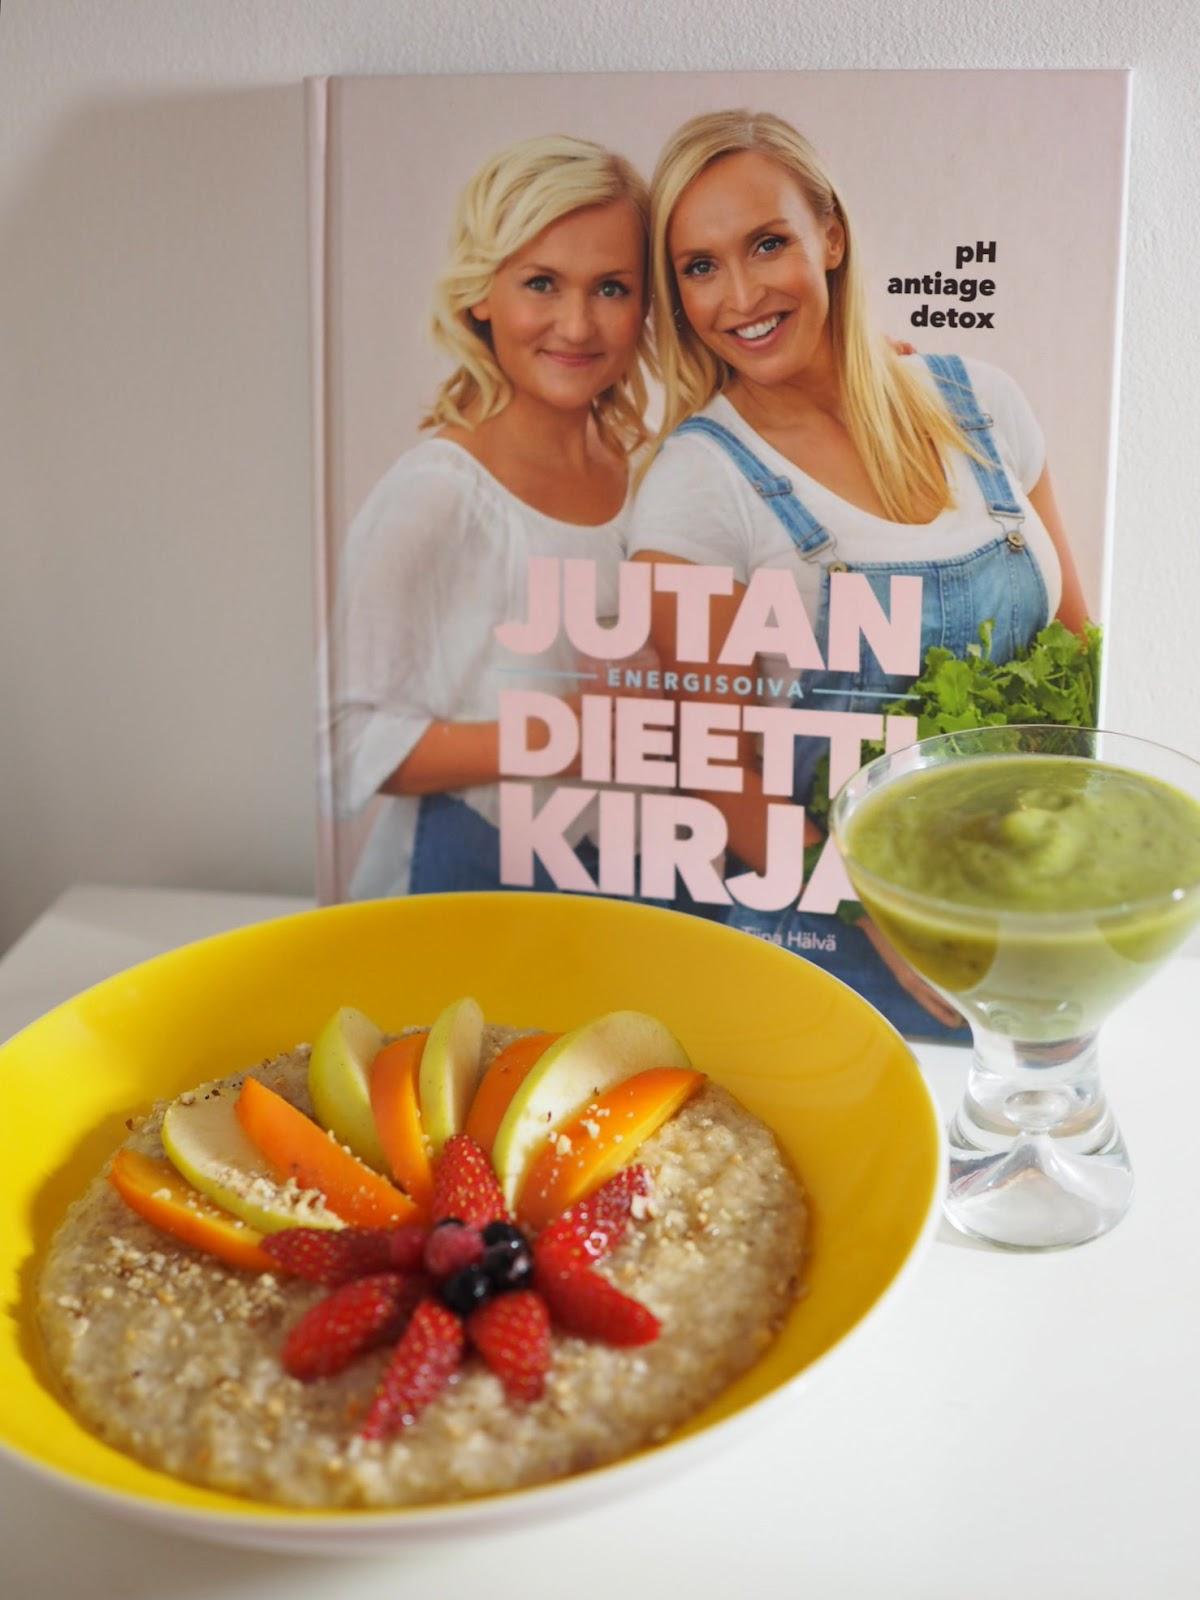 Jutta Gustafsberg Dieetti